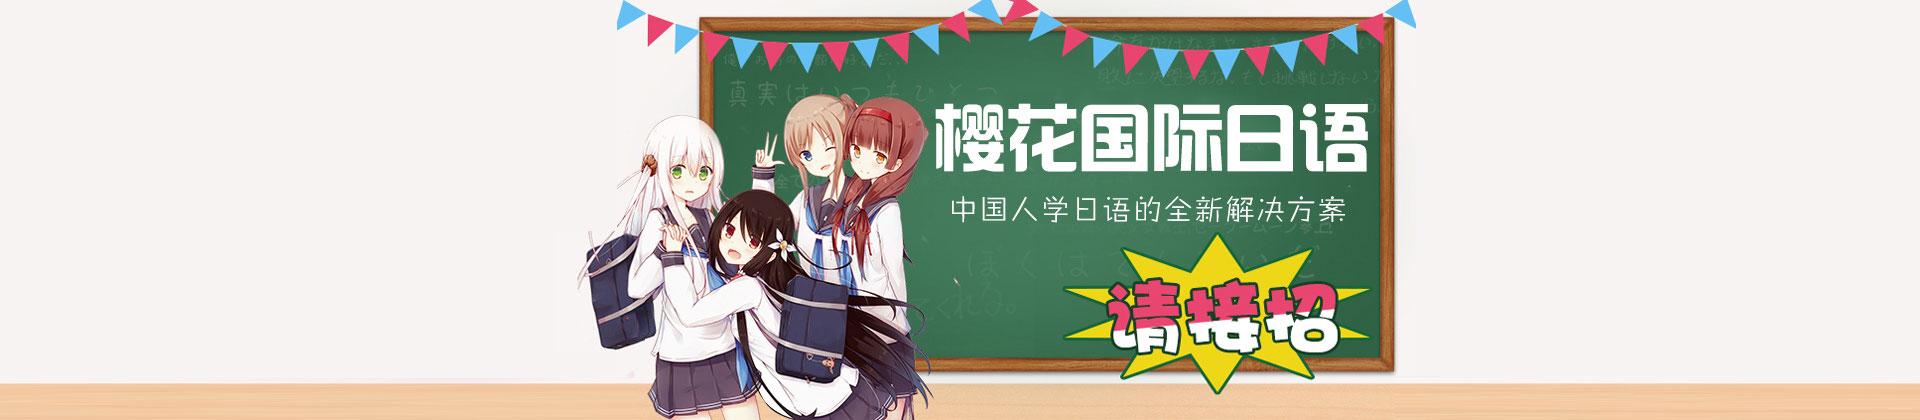 福州櫻花國際日語專注日語培訓,解決傳統日語學習難題